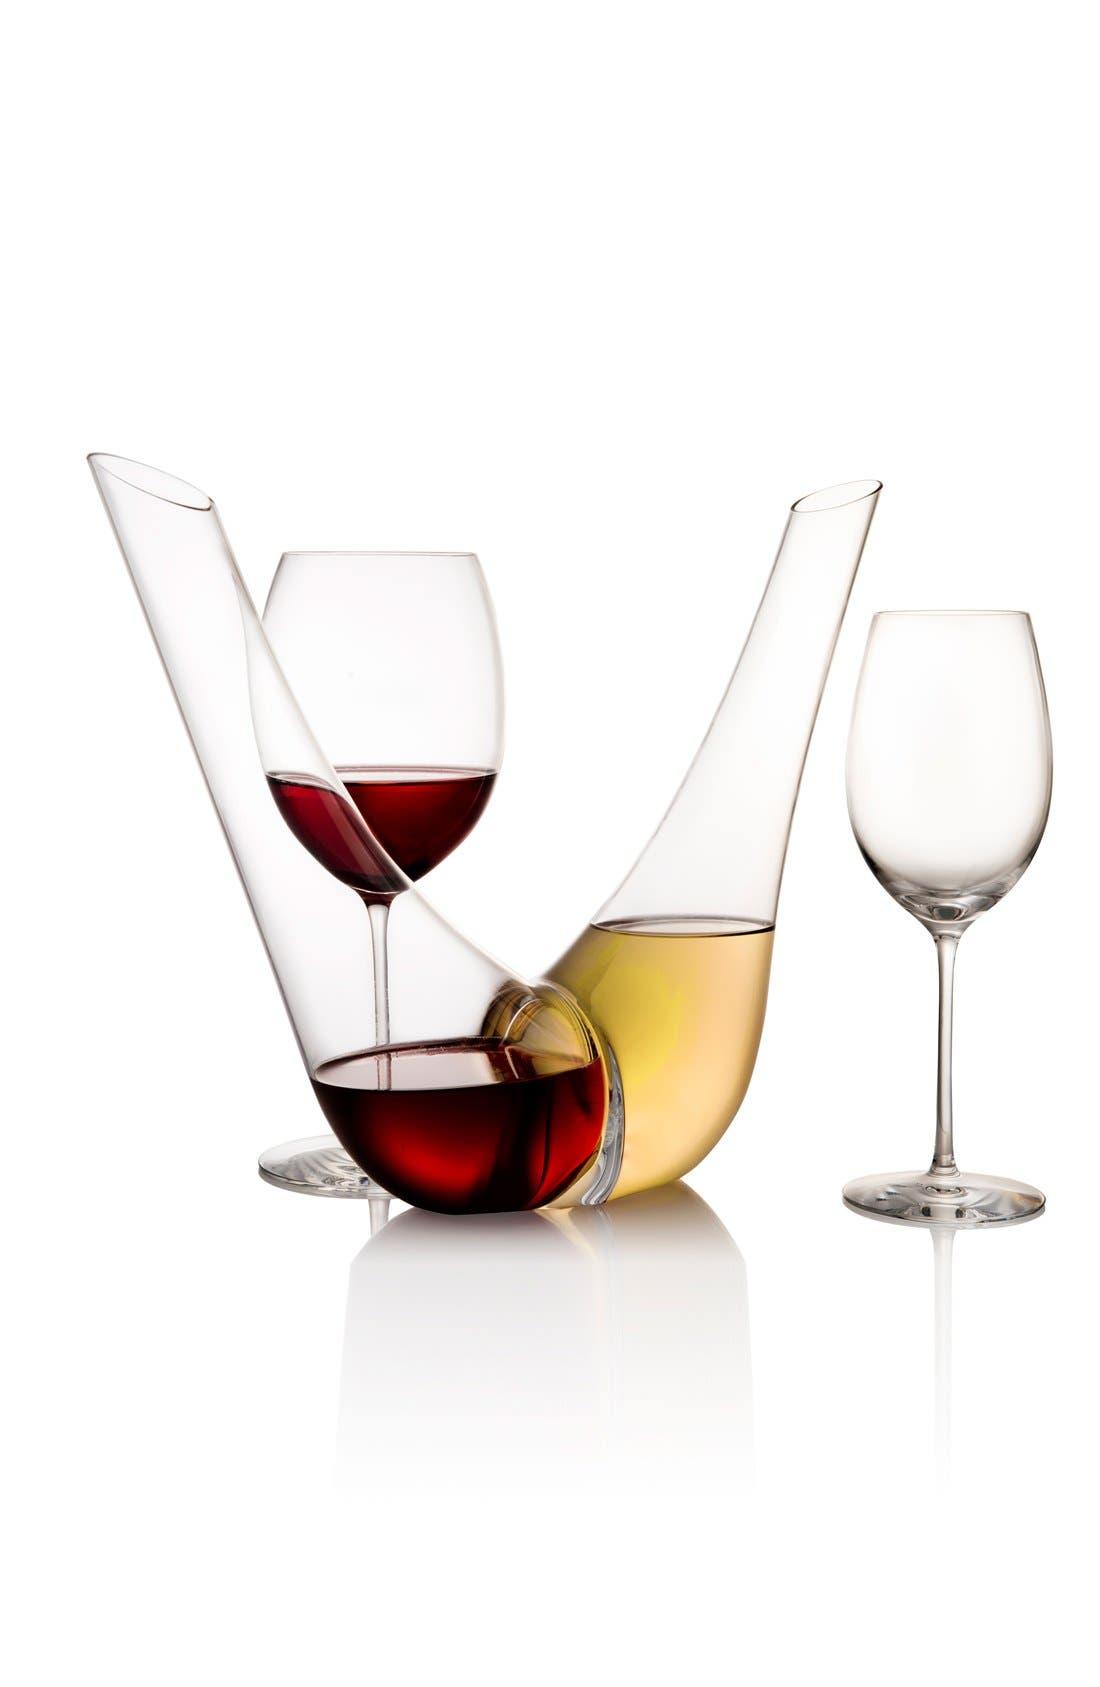 Expert Set of 2 Chardonnay Glasses,                             Alternate thumbnail 2, color,                             White